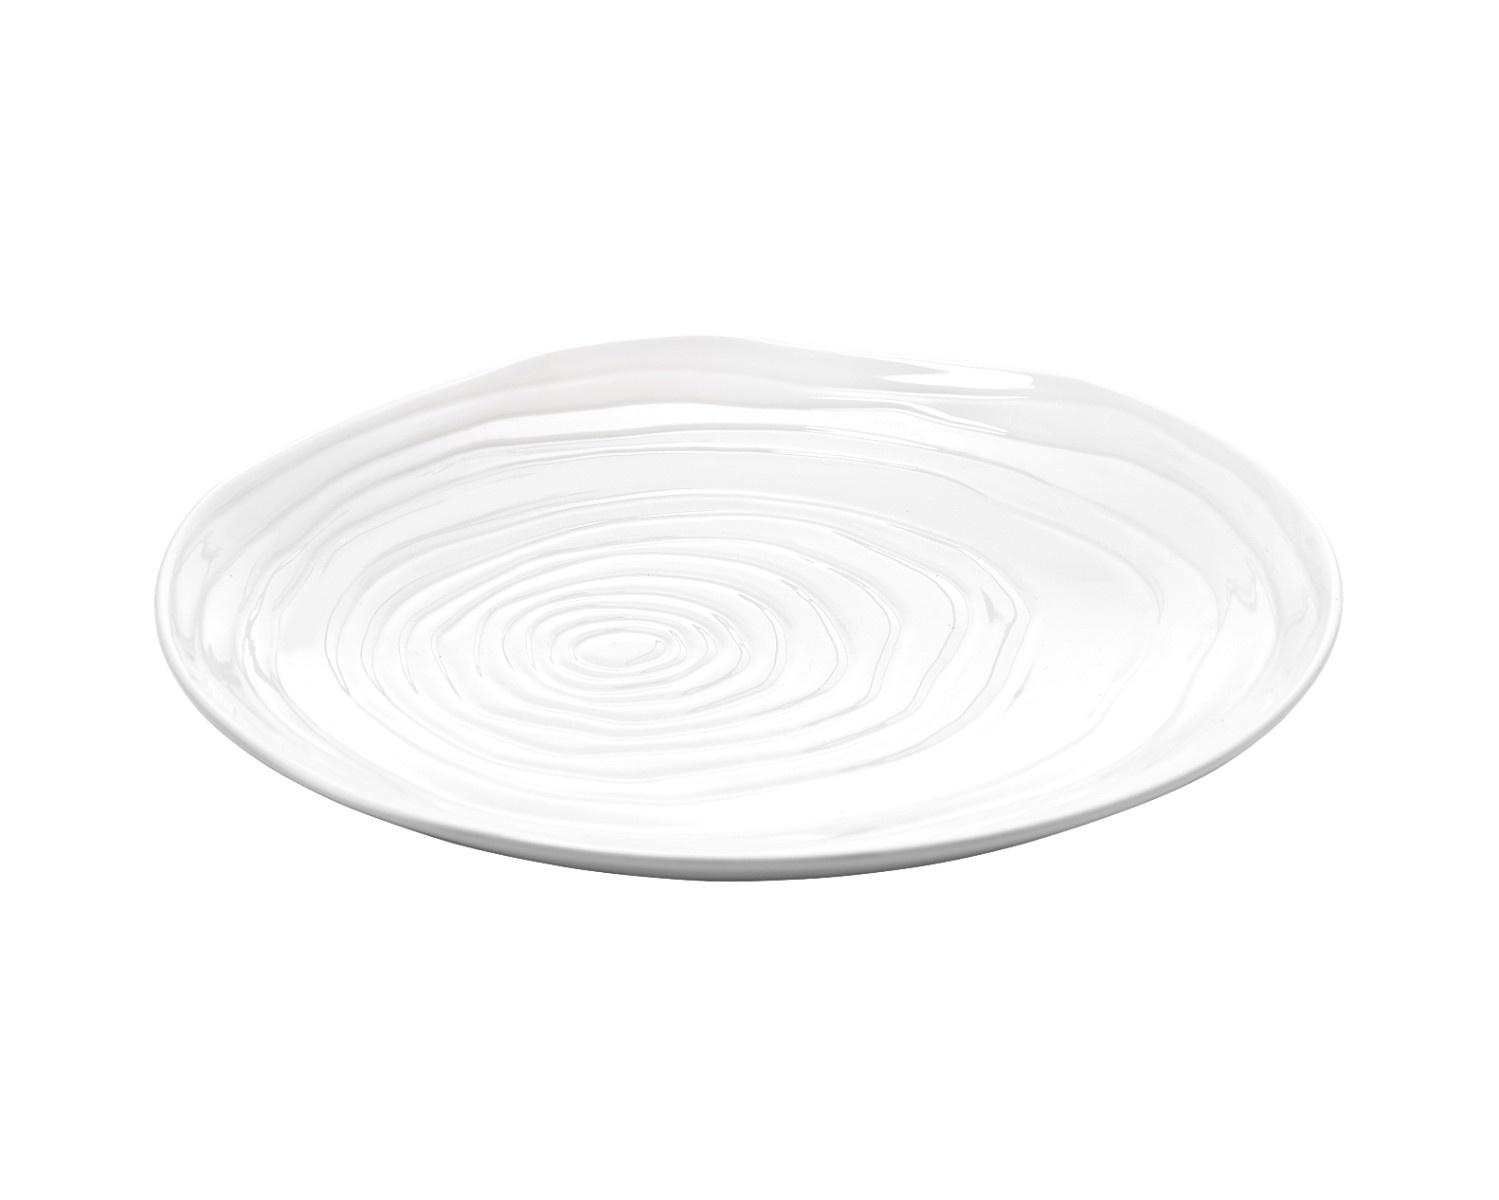 Pillivuyt Boulogne frokosttallerken, Ø21 cm, hvid